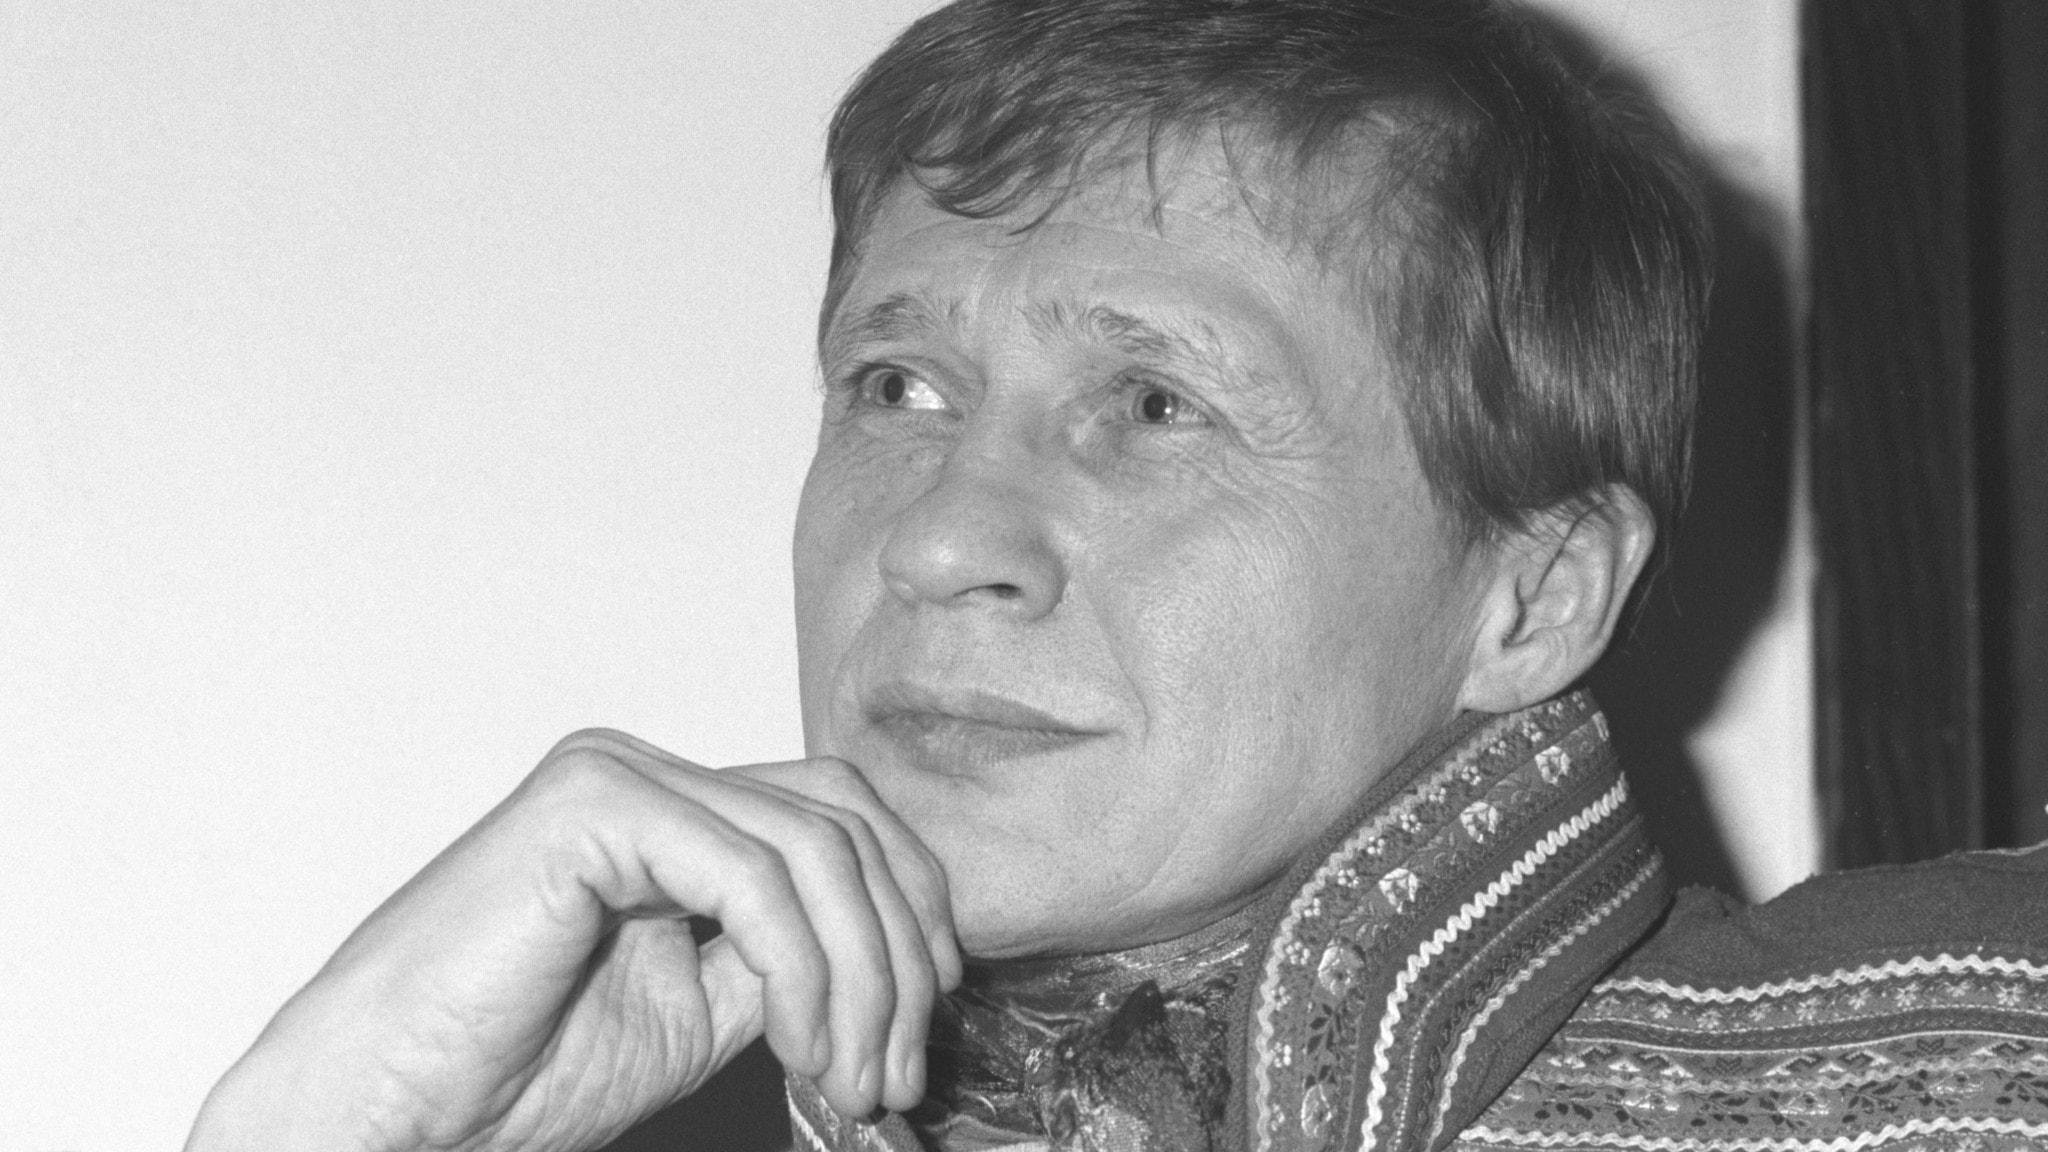 Nils Aslak Valkeapääs jojk hedrar omkommen flicka